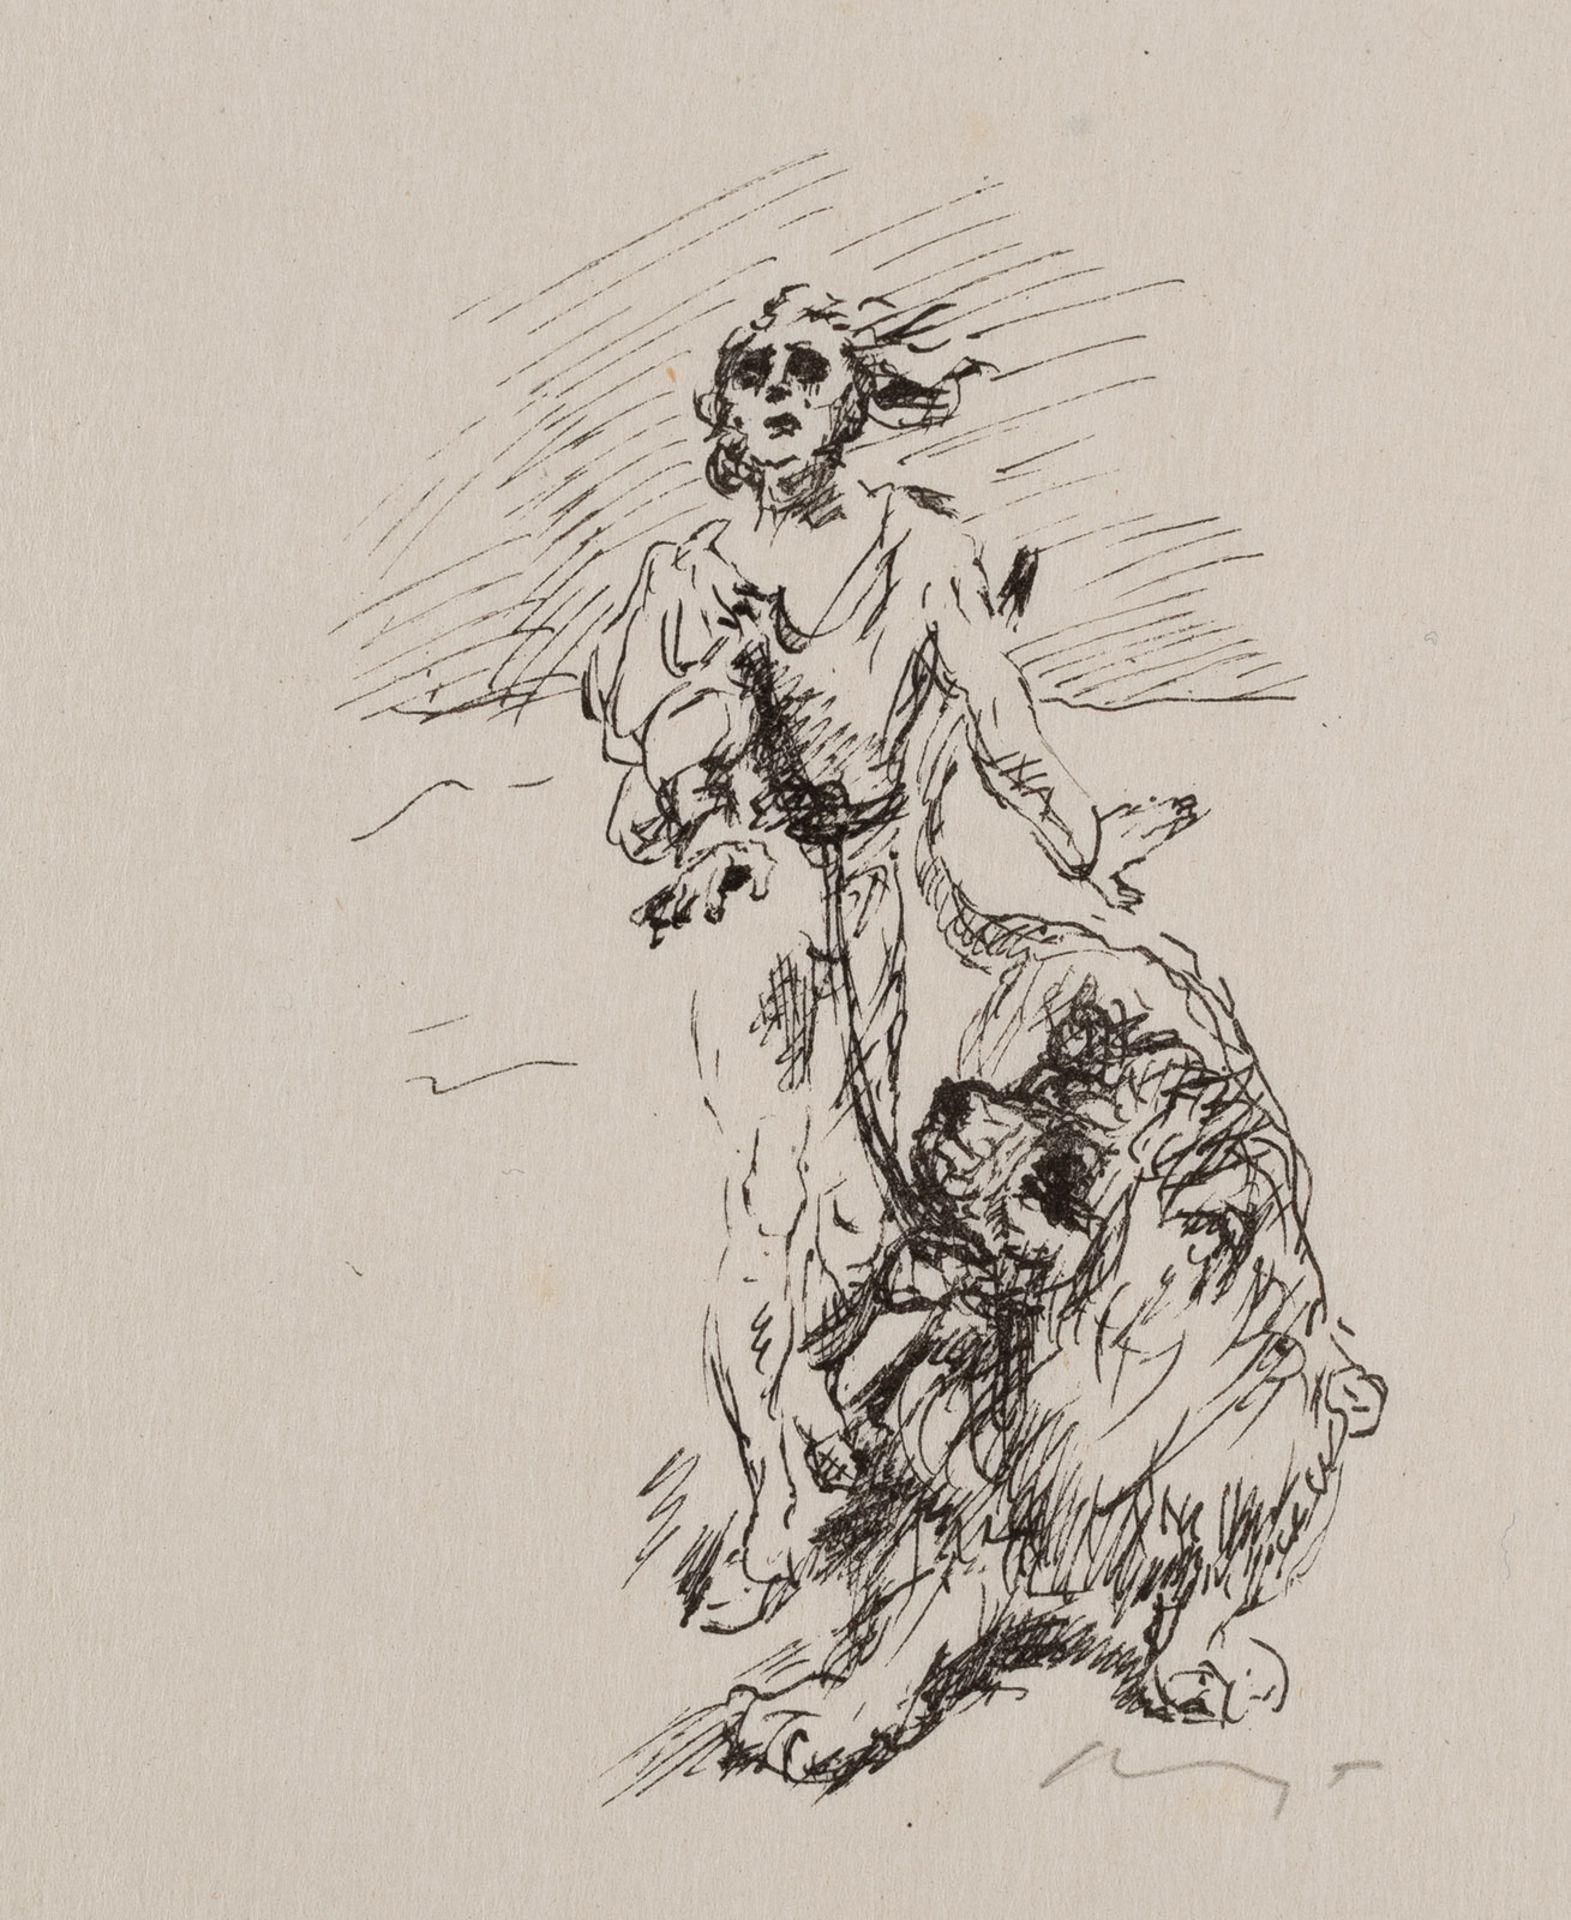 Slevogt, Max - Image 13 of 16